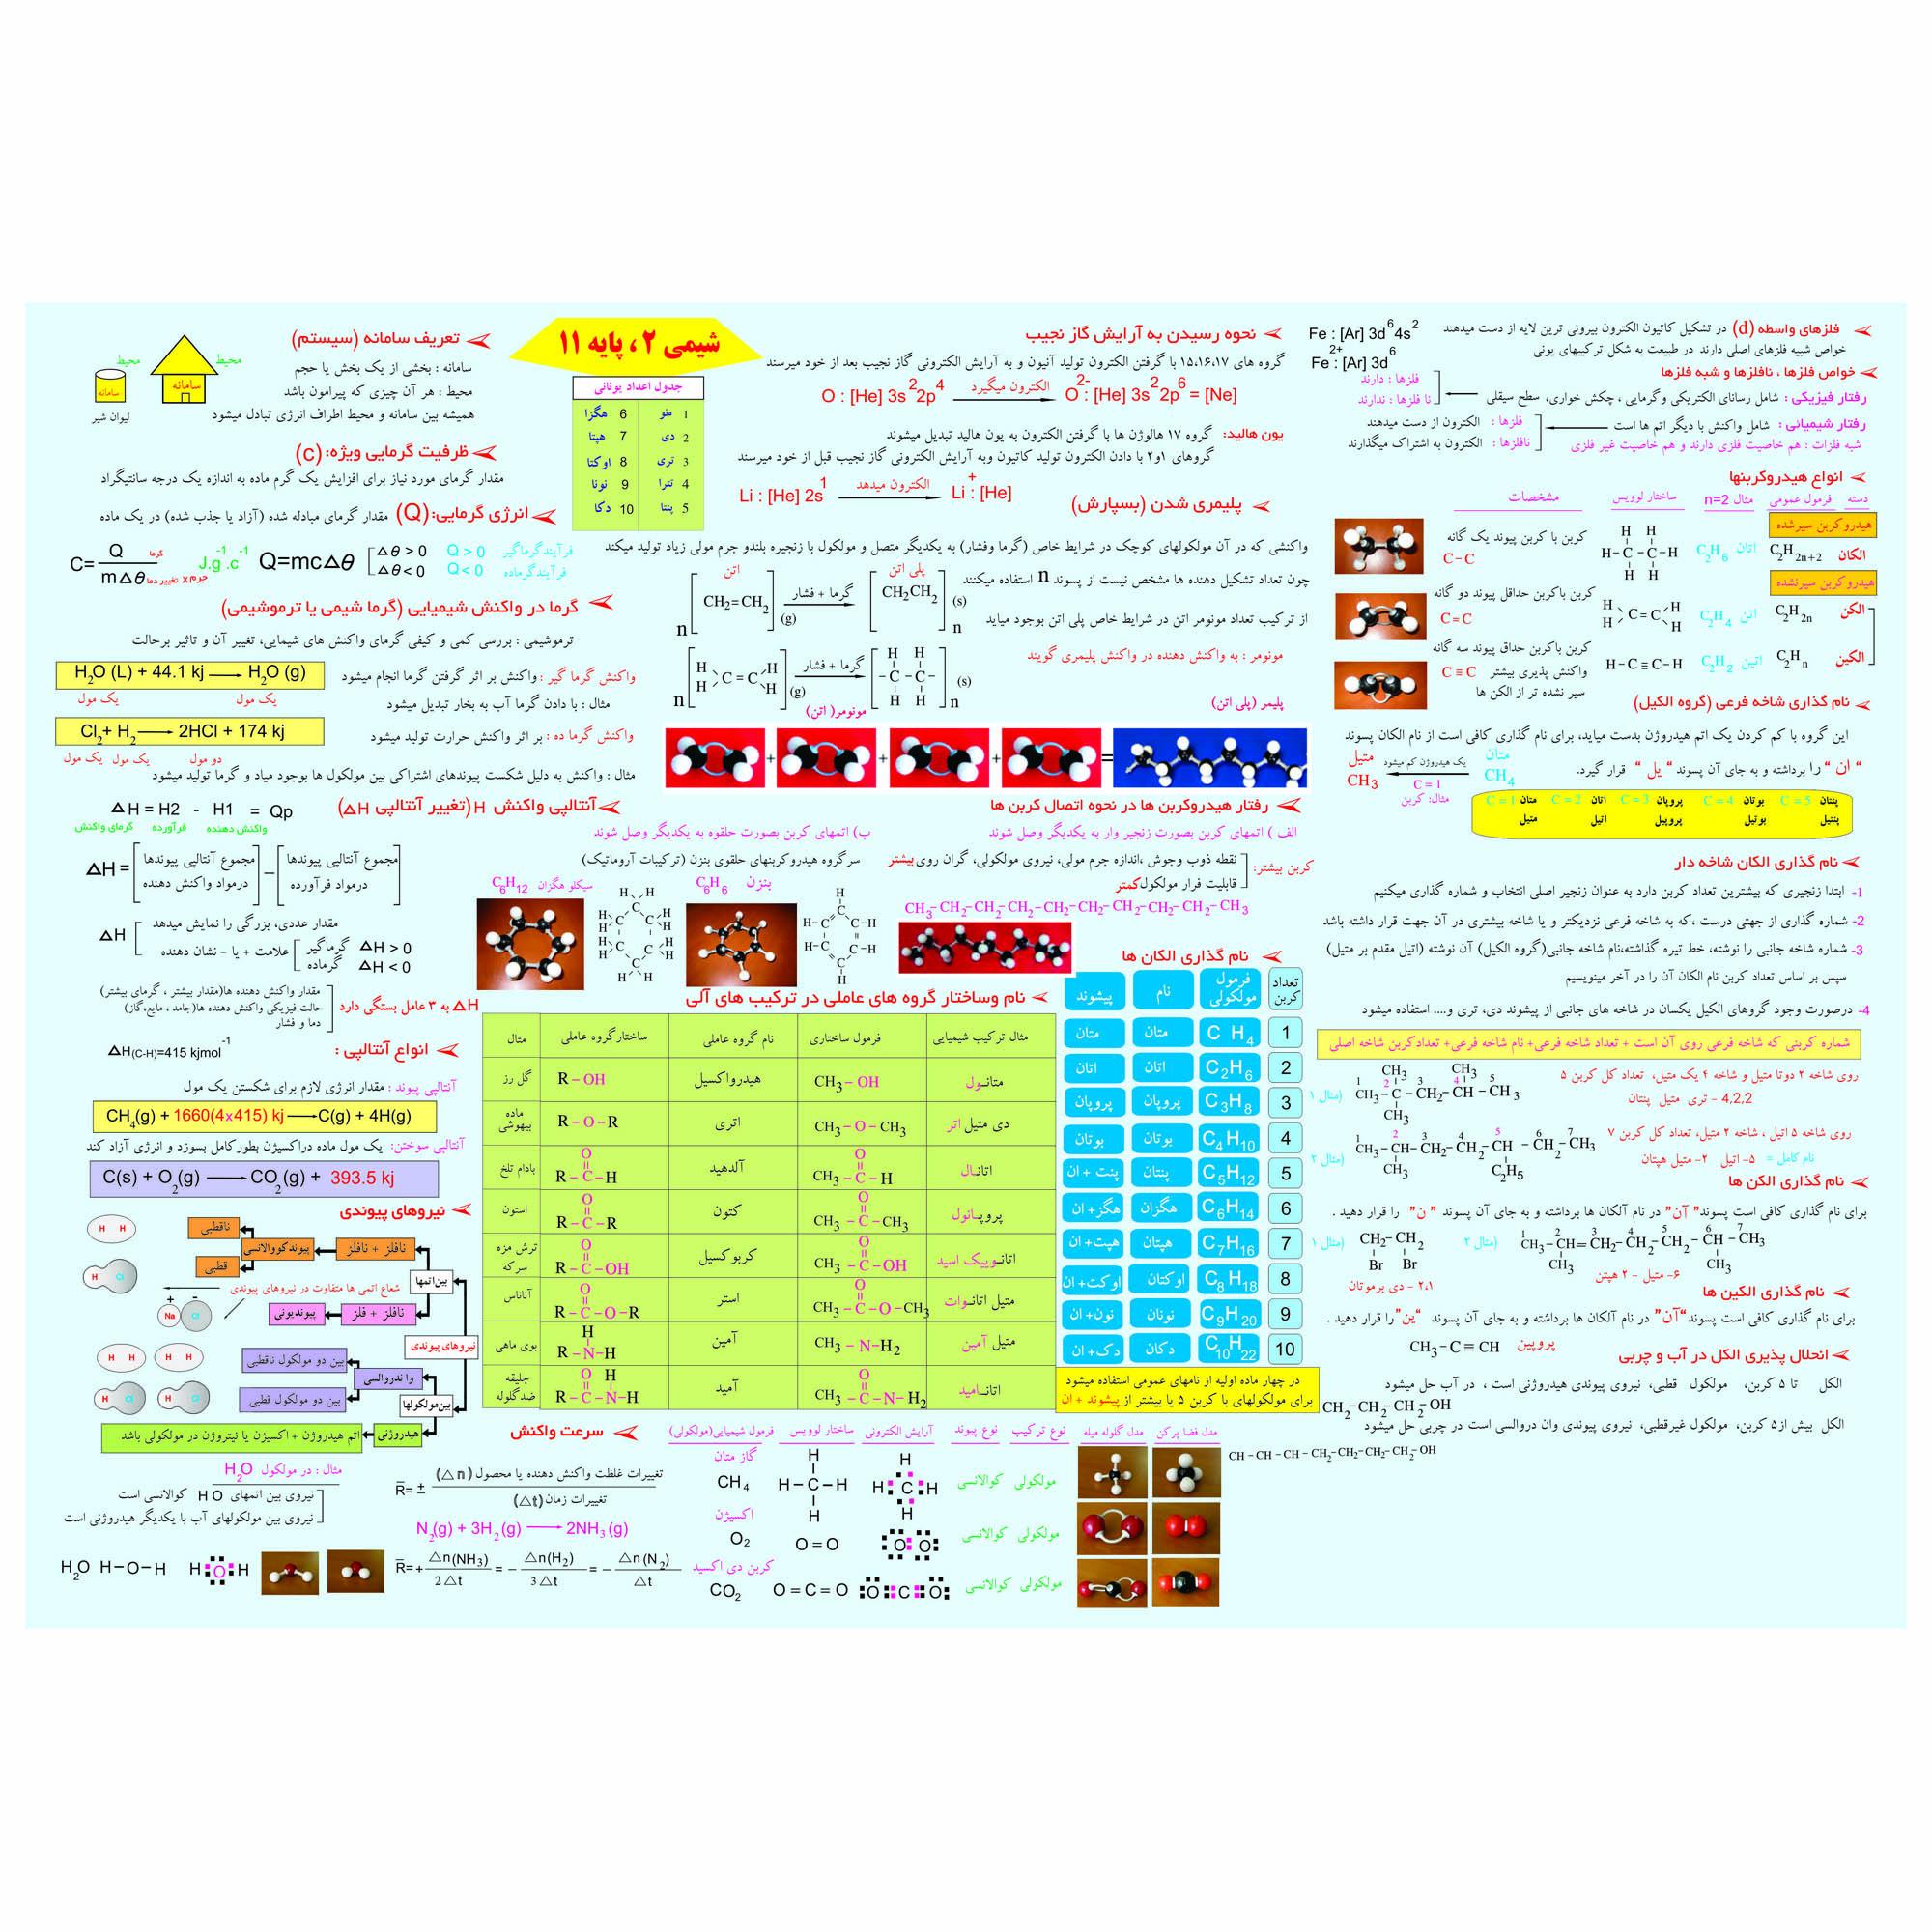 پوستر آموزشی طرح جدول تناوبی شیمی 2 پایه یازدهم کد 11